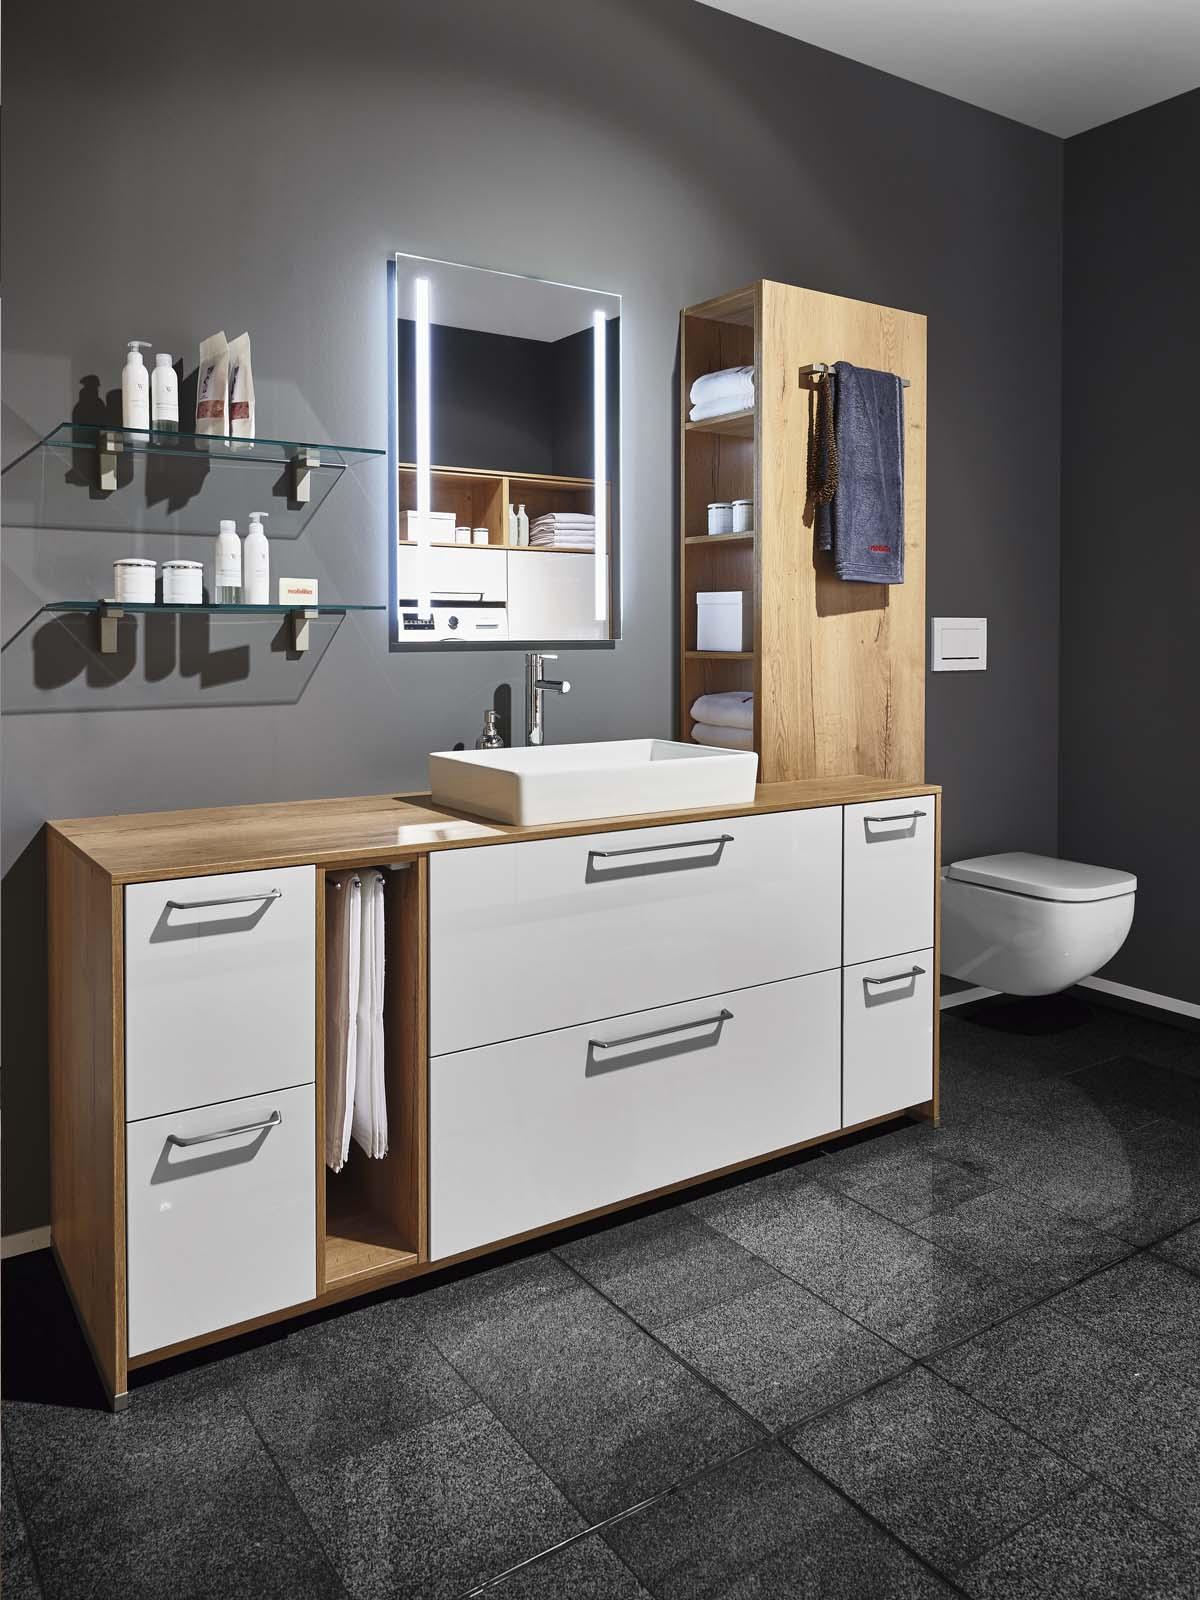 Küchentime Flash 455 - Bathroom